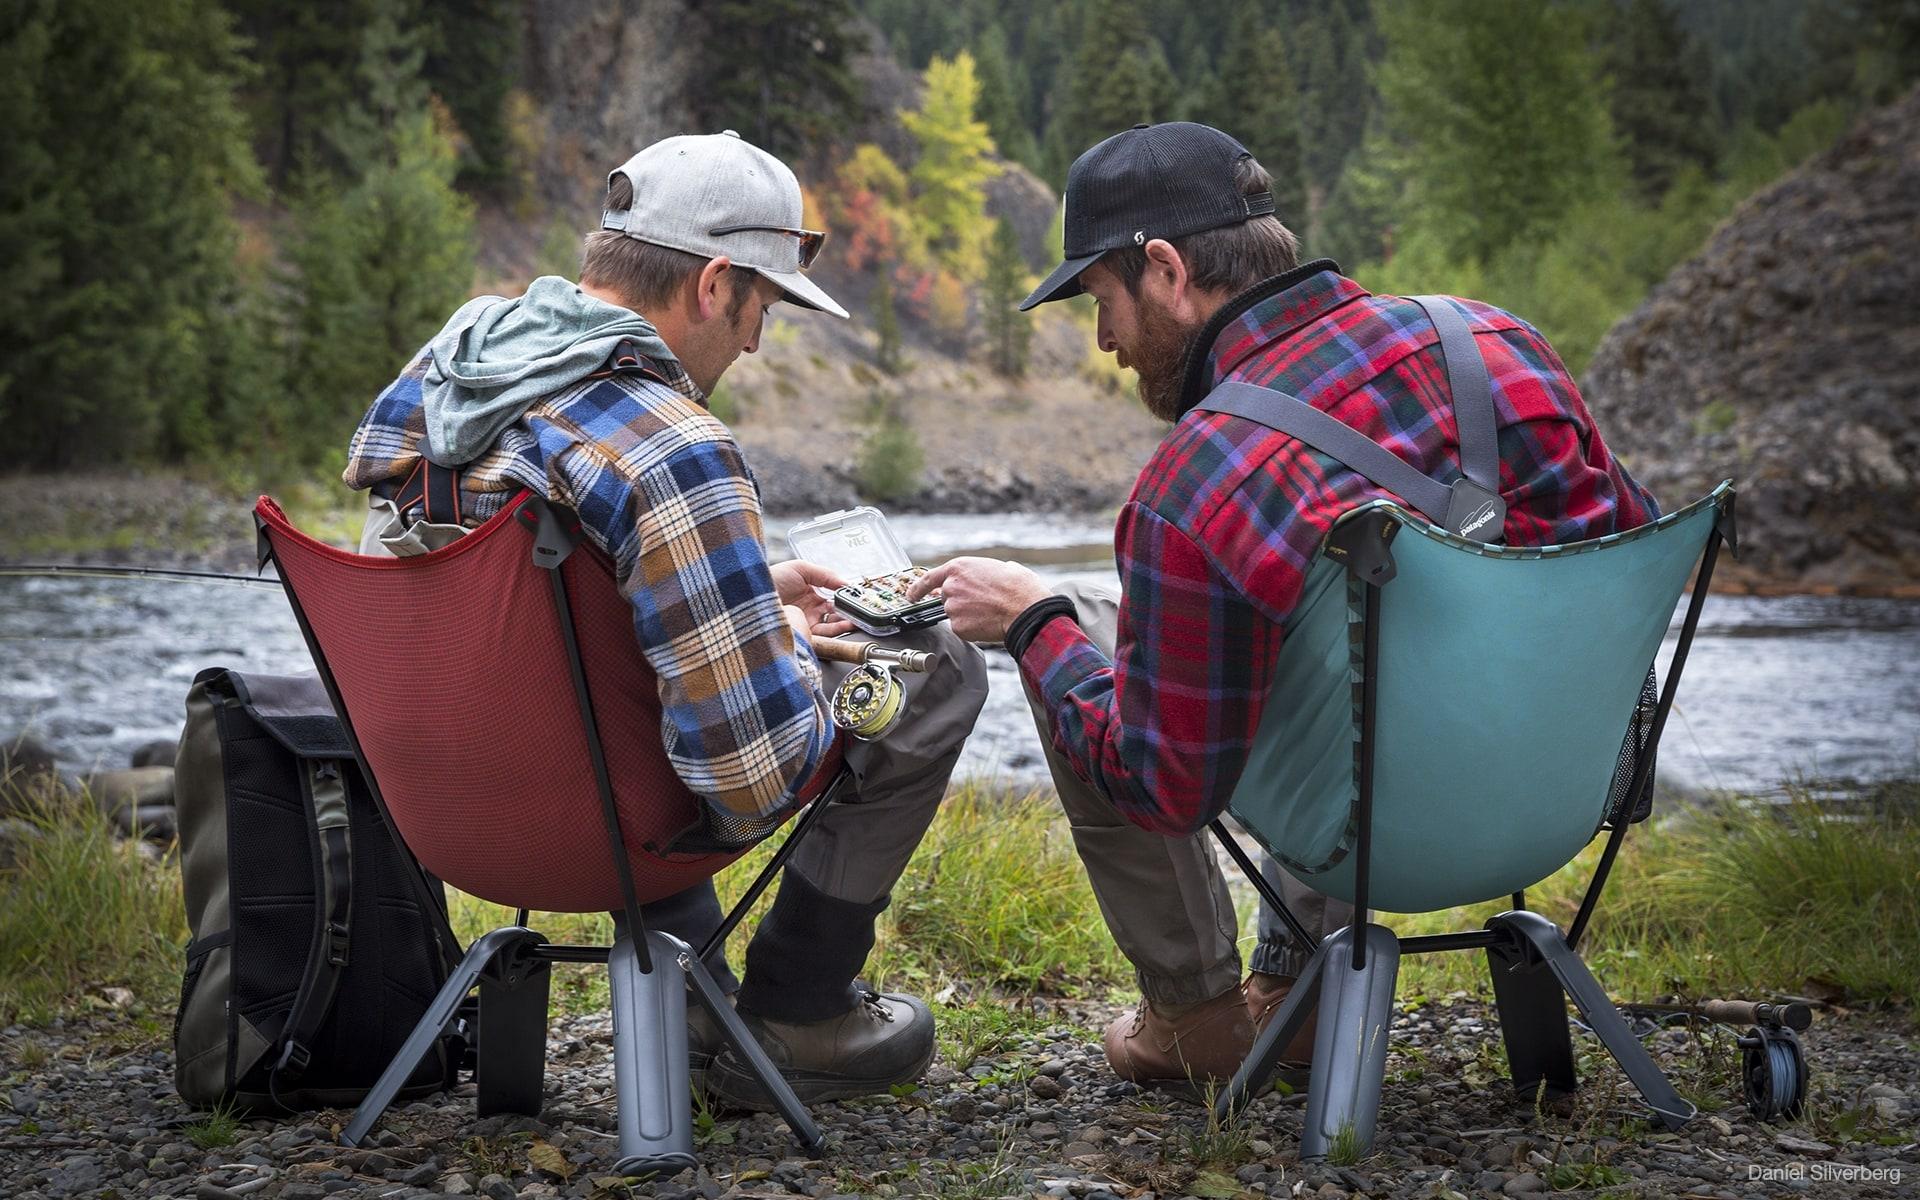 Zwei Männer in Outdoor-Kleidung sitzen auf roten und grünen Therm-a-Rest Quadra Camping-Stühlen von ITO Design an einem Fluss und sehen sich Angelköder an